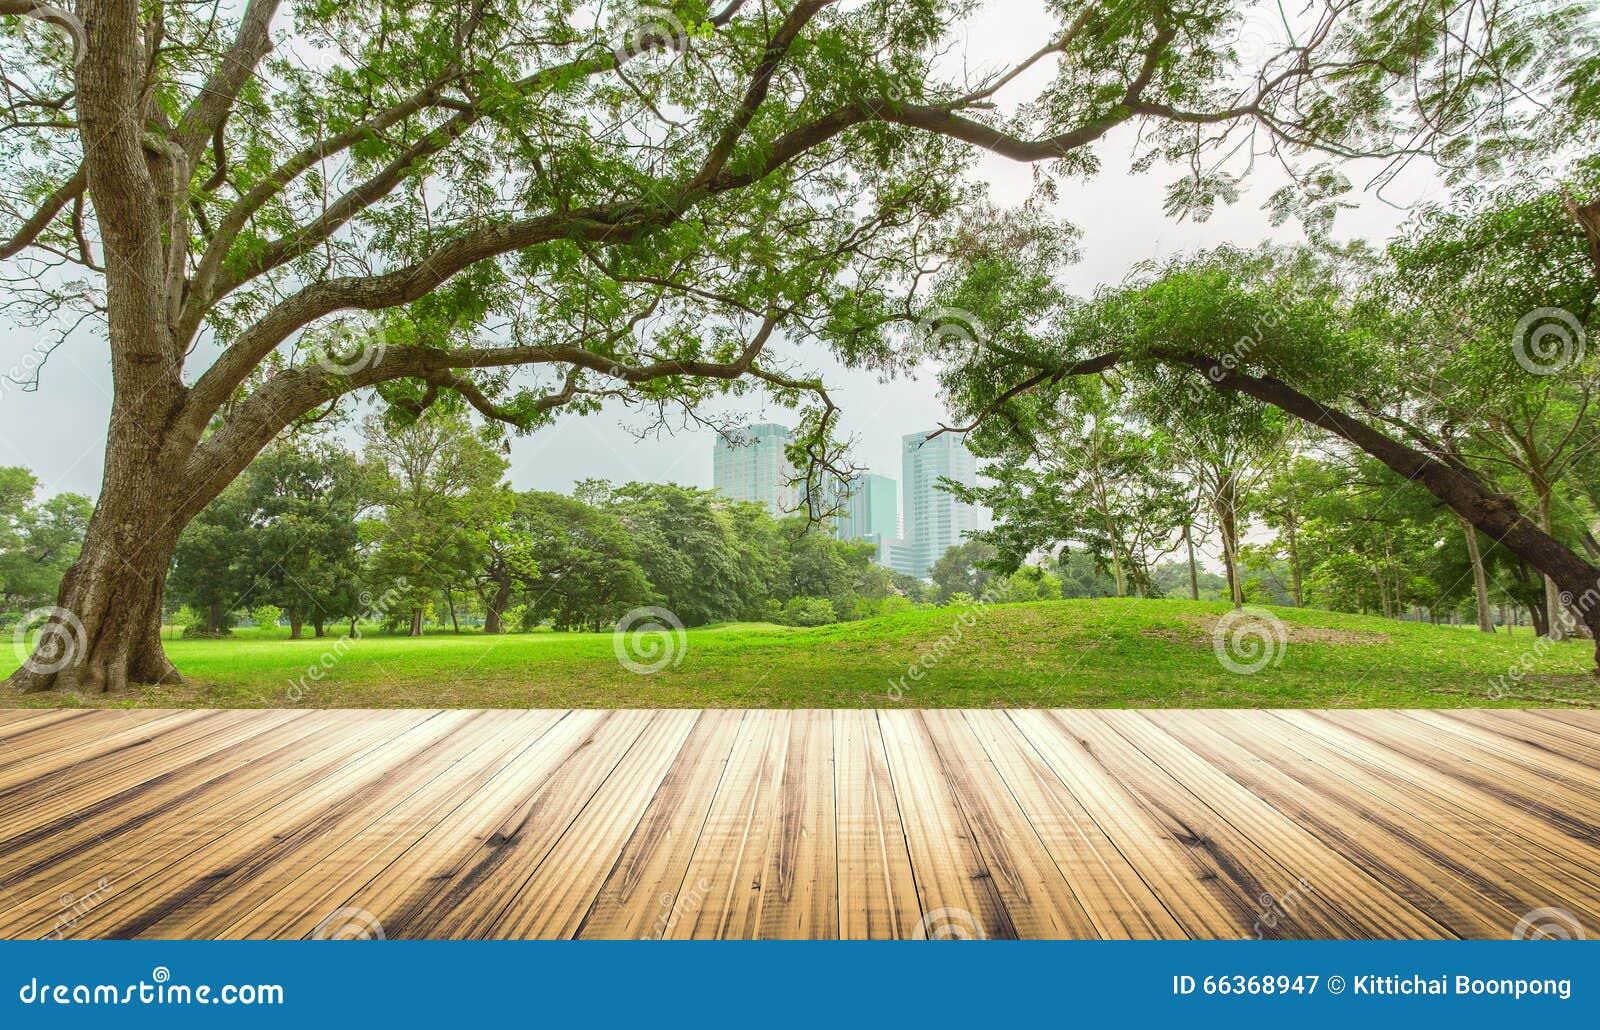 Houten lijstbovenkant op tuin op stadsachtergrond